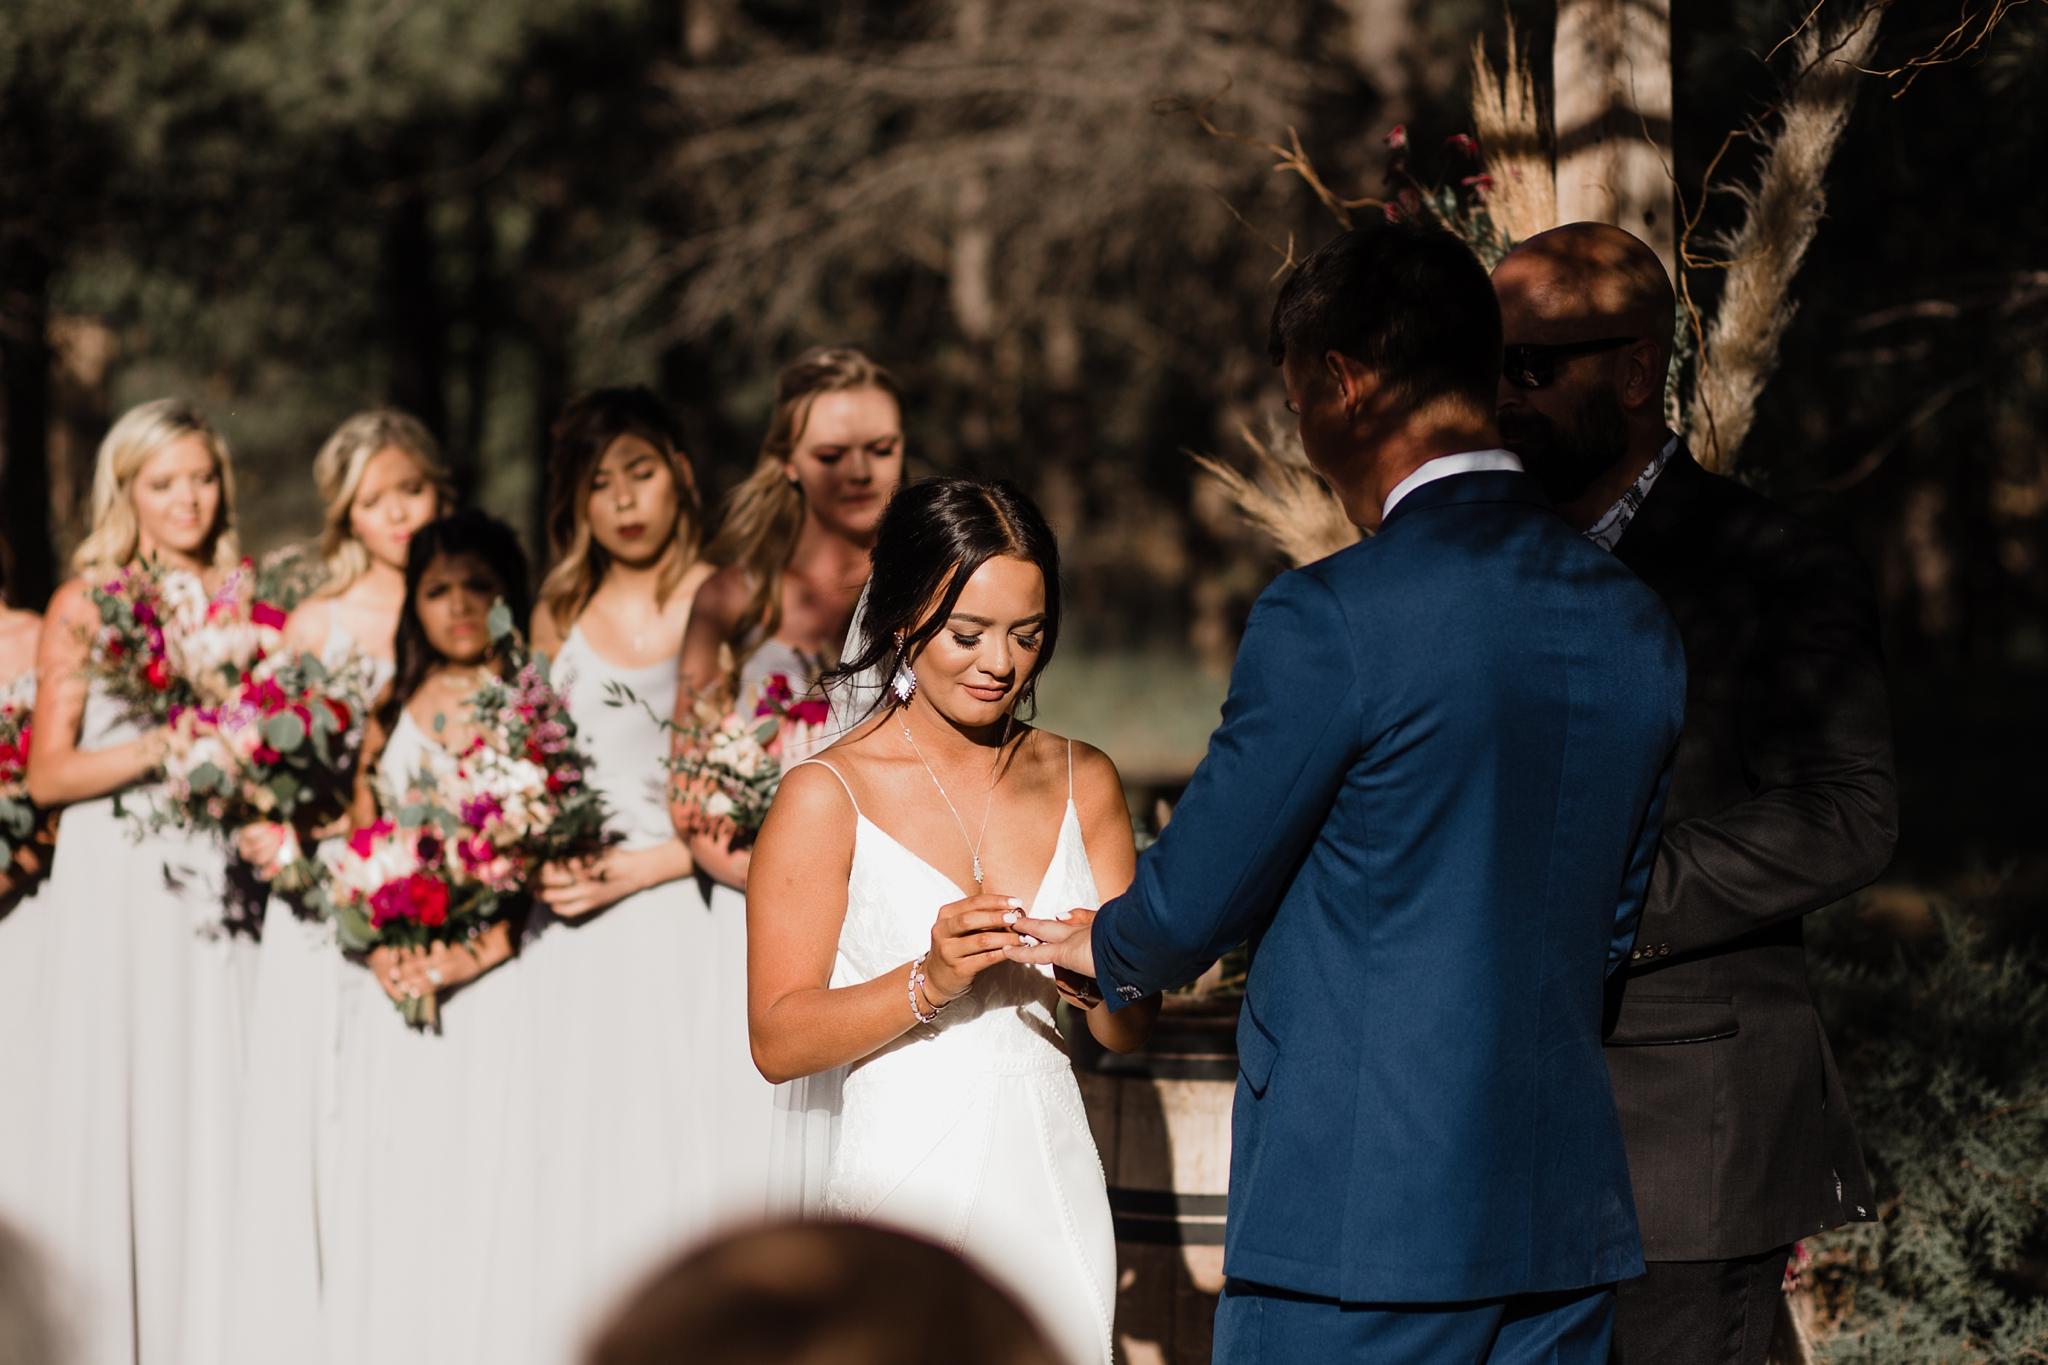 Alicia+lucia+photography+-+albuquerque+wedding+photographer+-+santa+fe+wedding+photography+-+new+mexico+wedding+photographer+-+new+mexico+wedding+-+new+mexico+wedding+-+barn+wedding+-+enchanted+vine+barn+wedding+-+ruidoso+wedding_0103.jpg